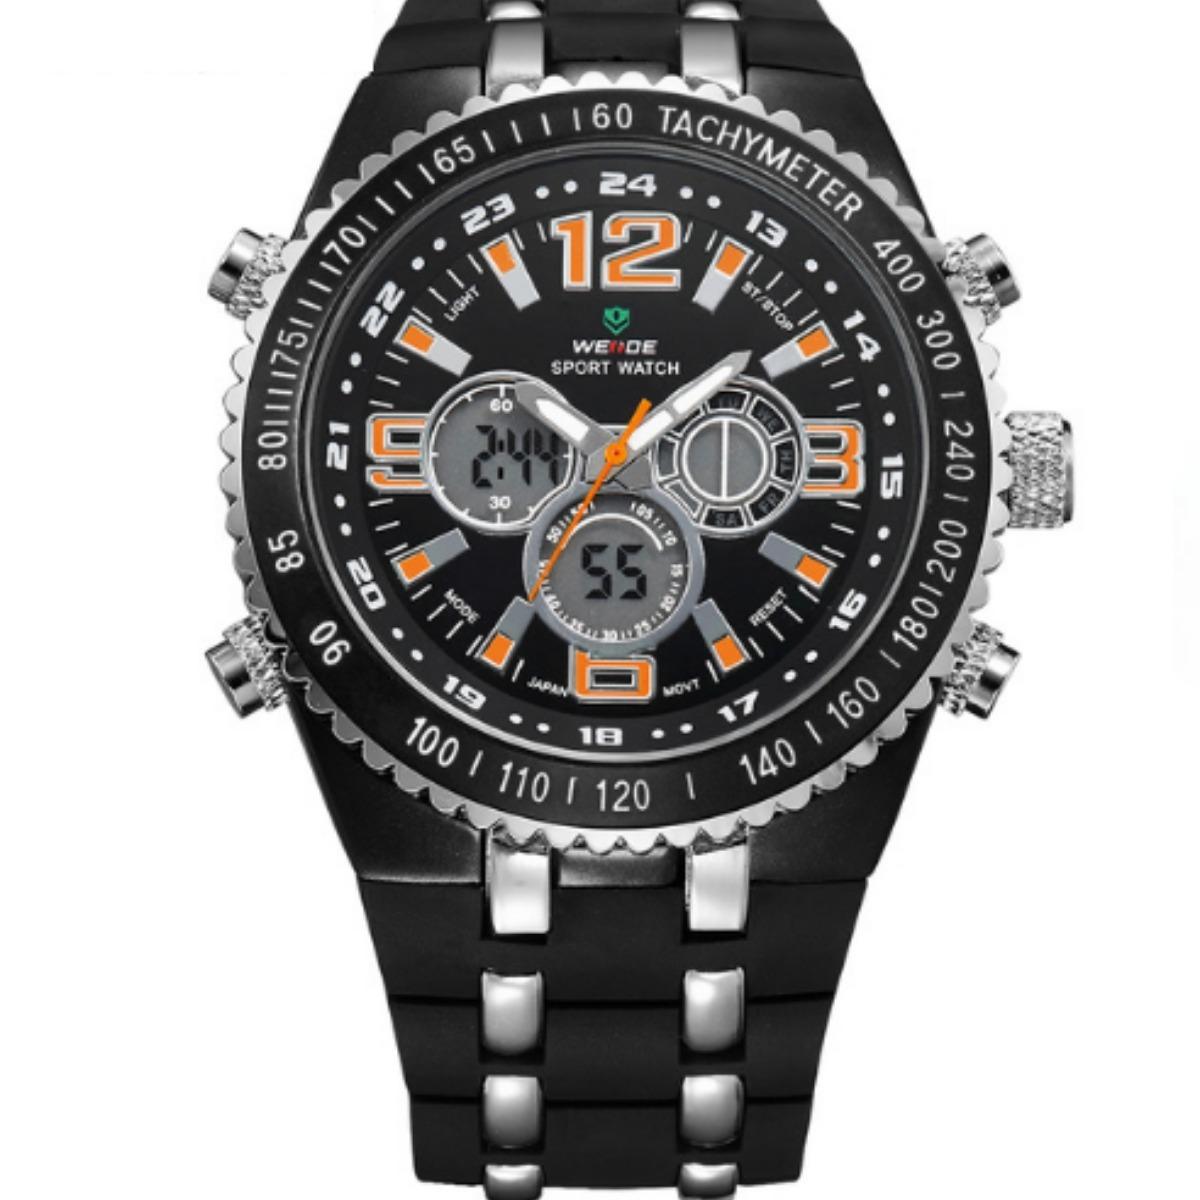 a036b1879a9 relógio masculino weide esportivo pulso original na caixa. Carregando zoom.